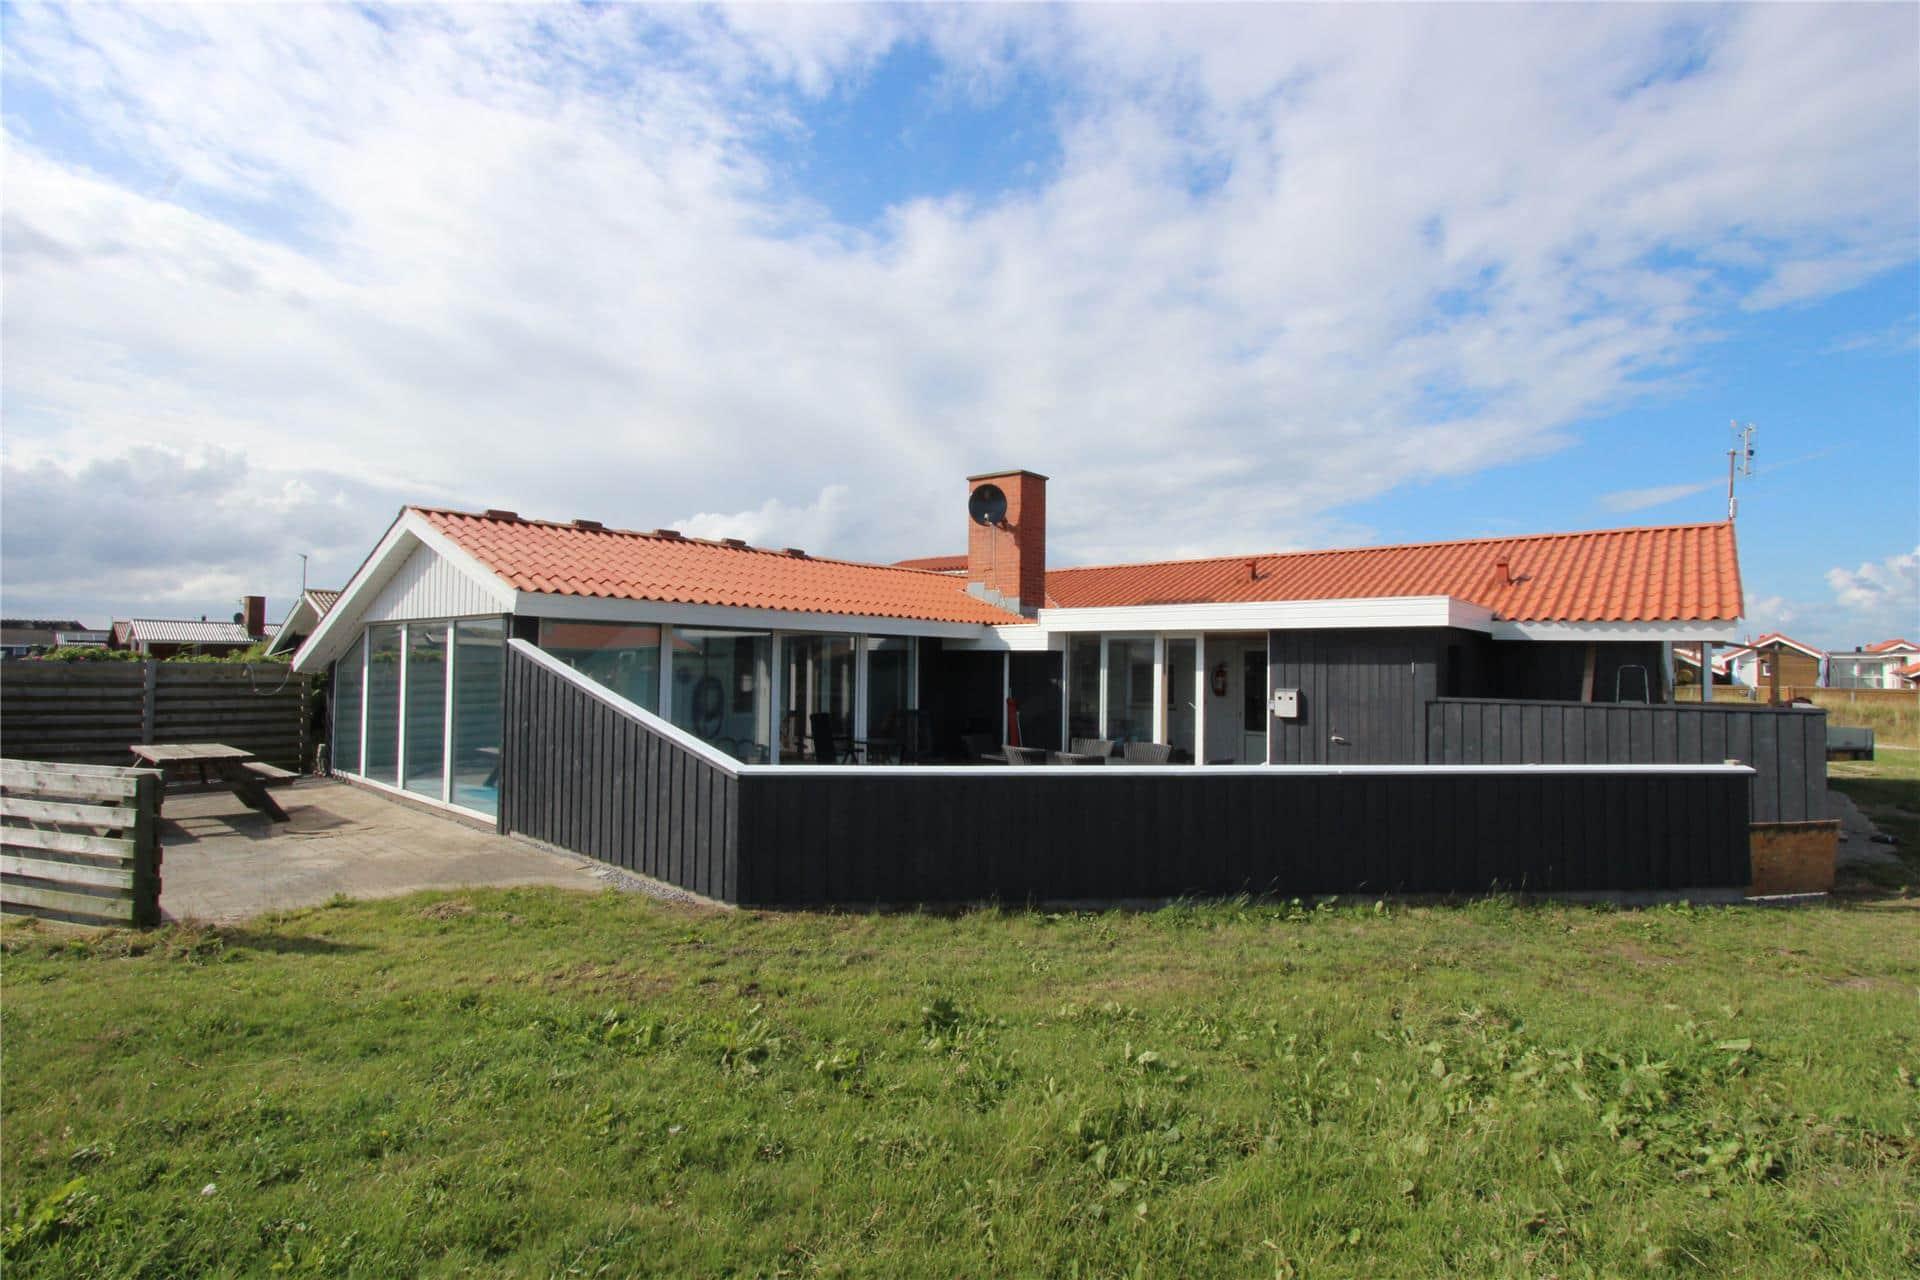 Afbeelding 1-20 Vakantiehuis 184, Vejlby Klit 177, DK - 7673 Harboøre